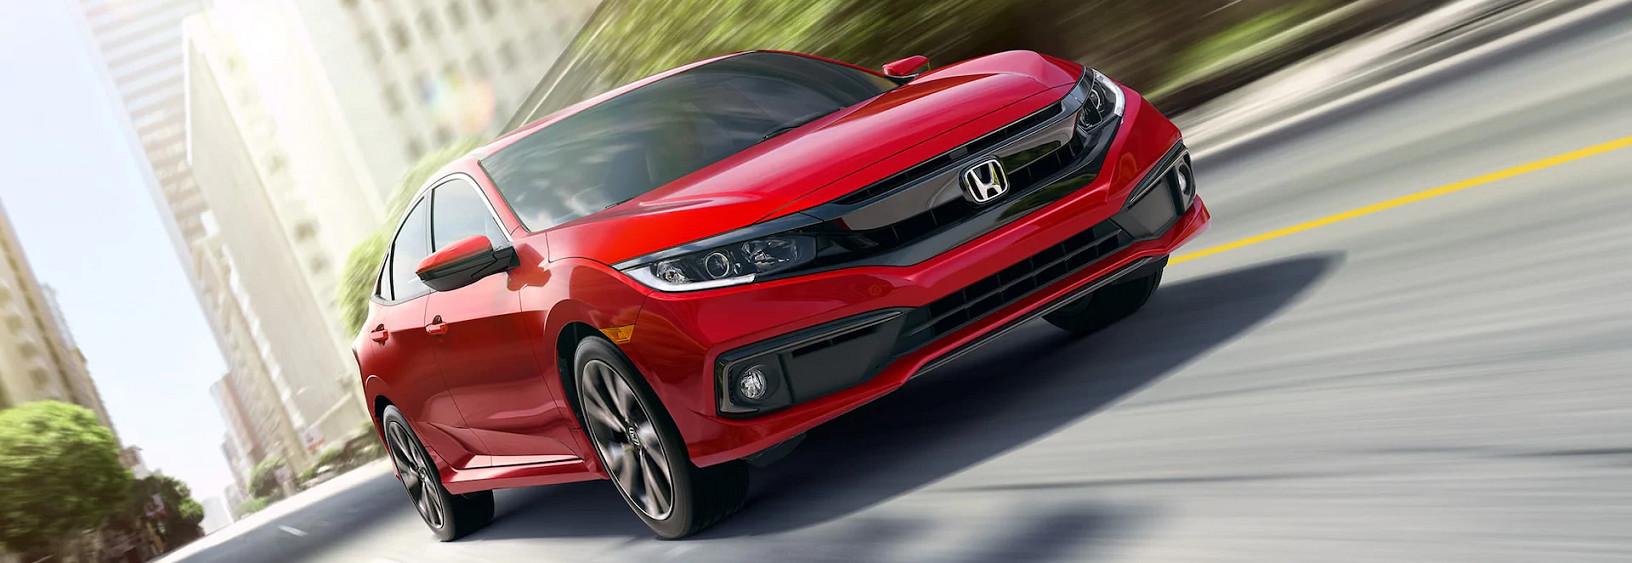 2020 Honda Civic Leasing near Washington, DC